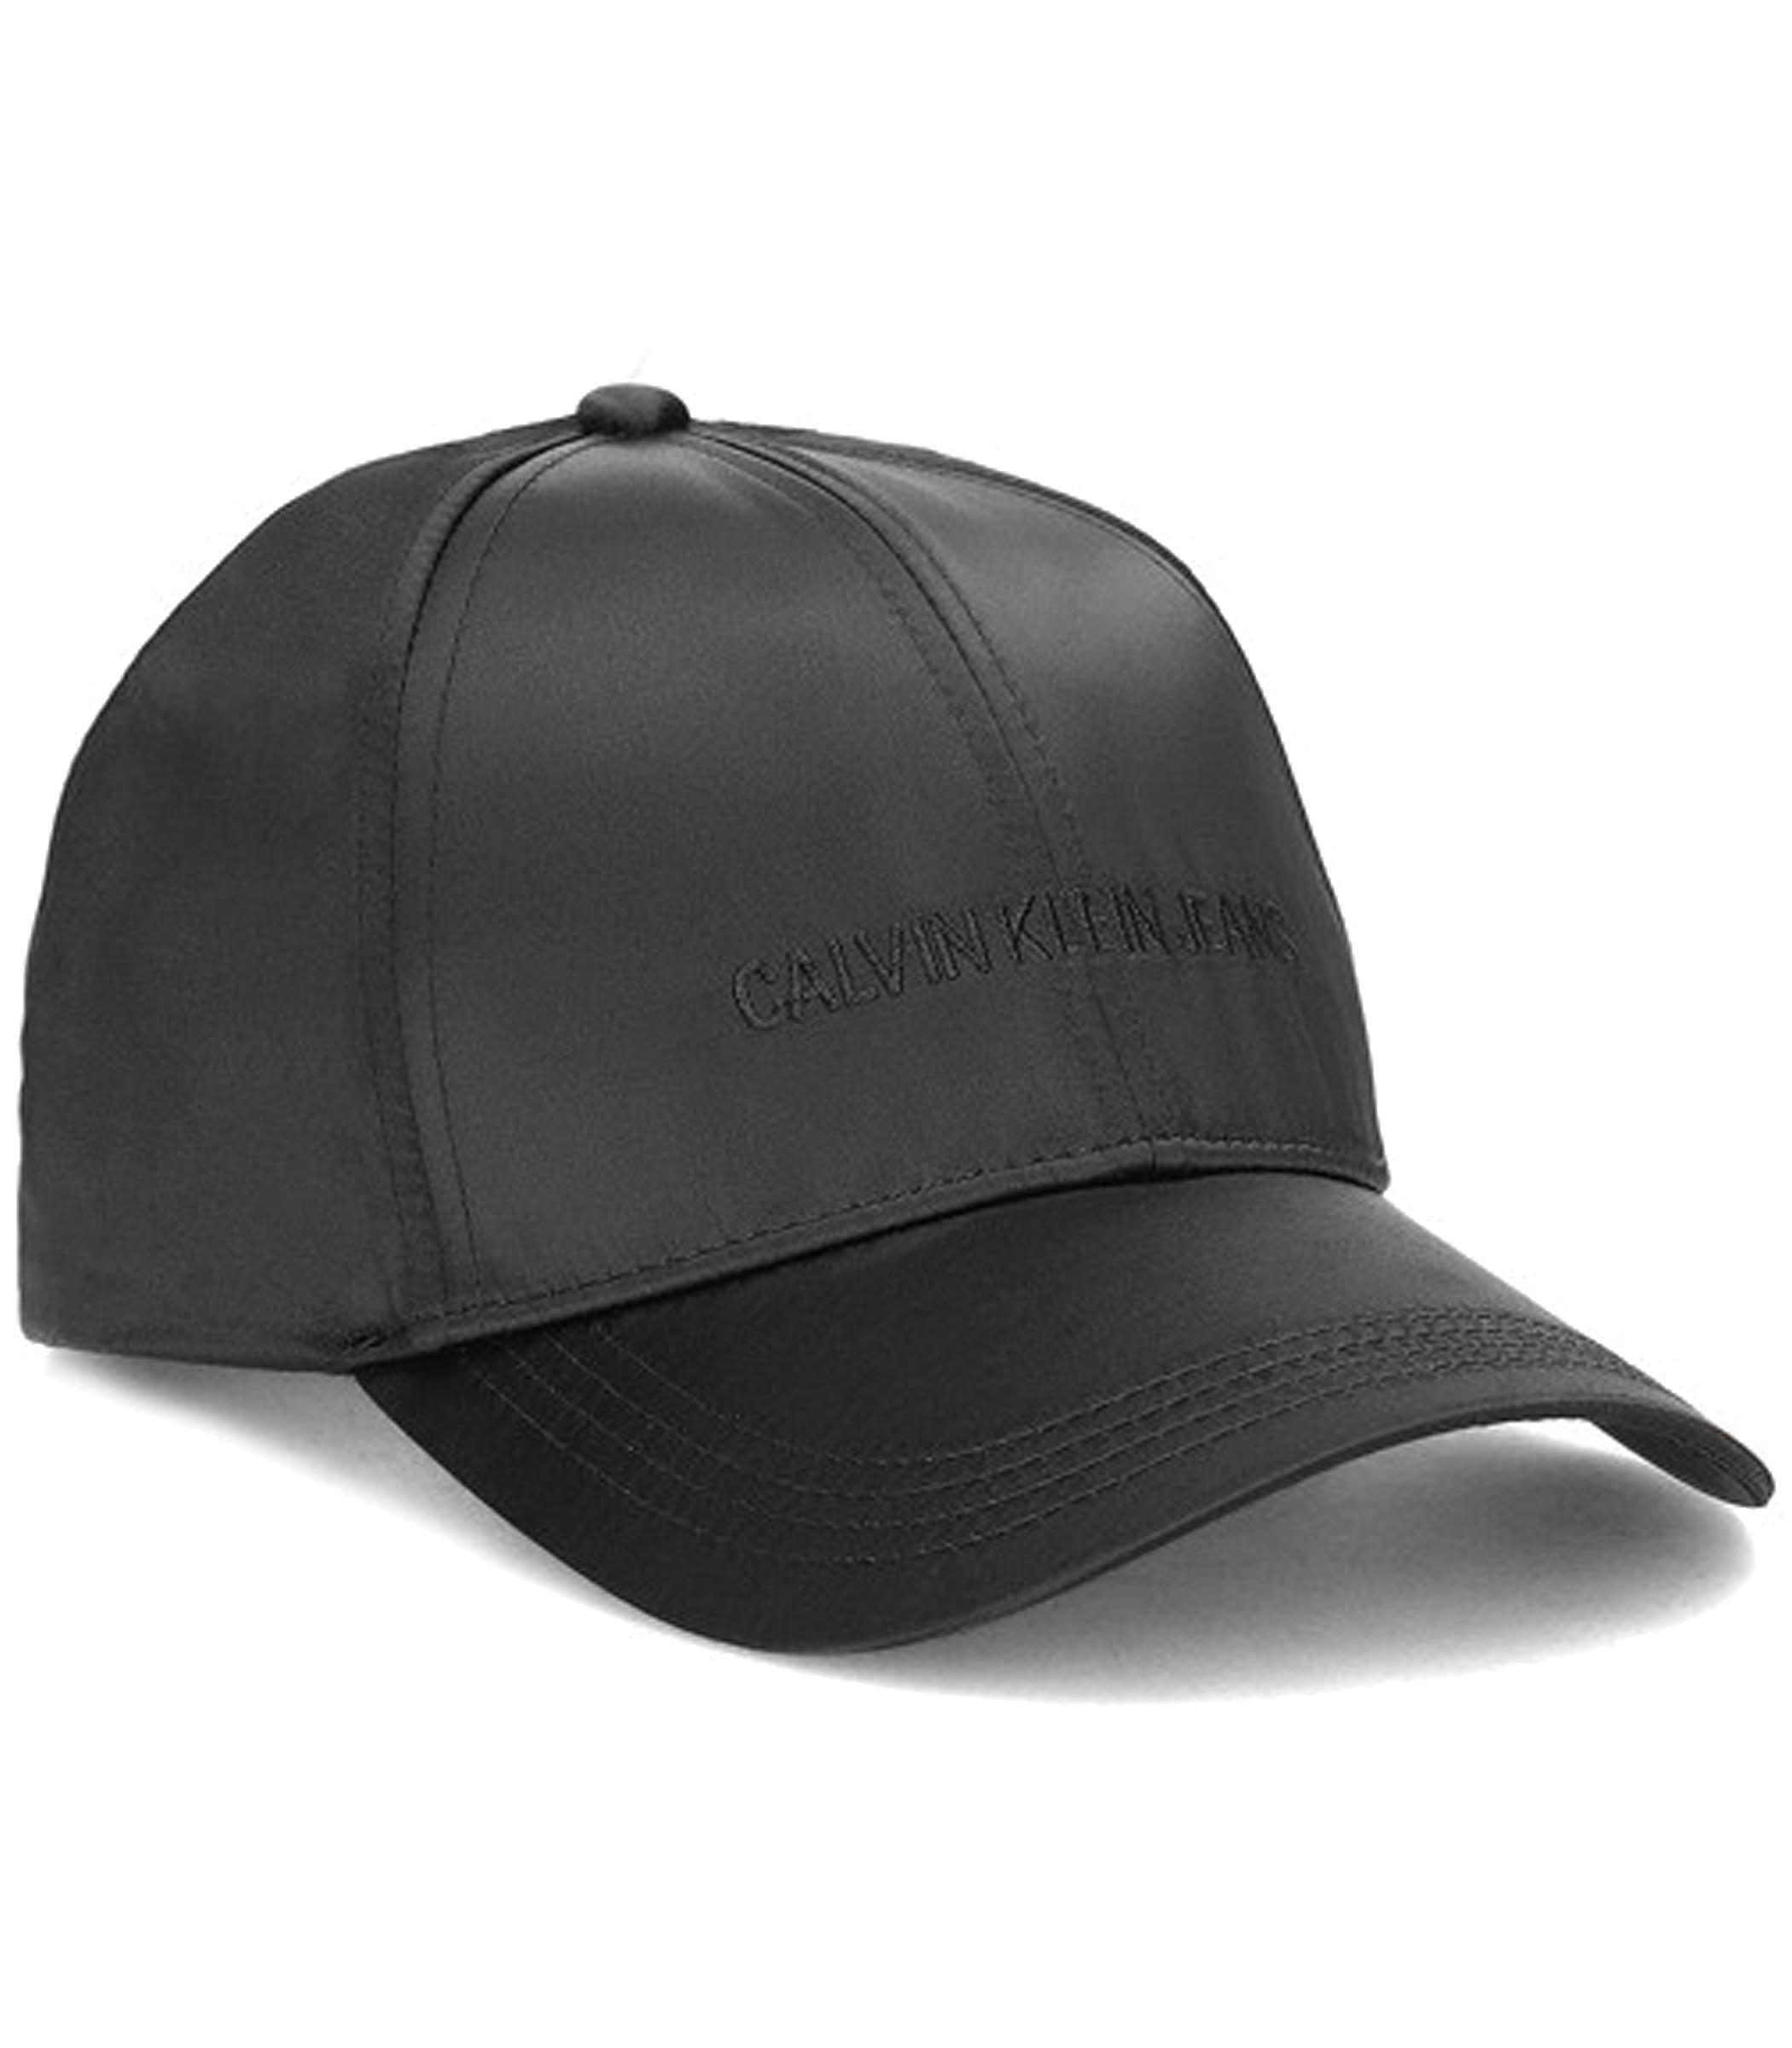 Cappello con visiera Calvin Klein Jeans nero rif. K60K604995 016 ... 1dec3de124a1